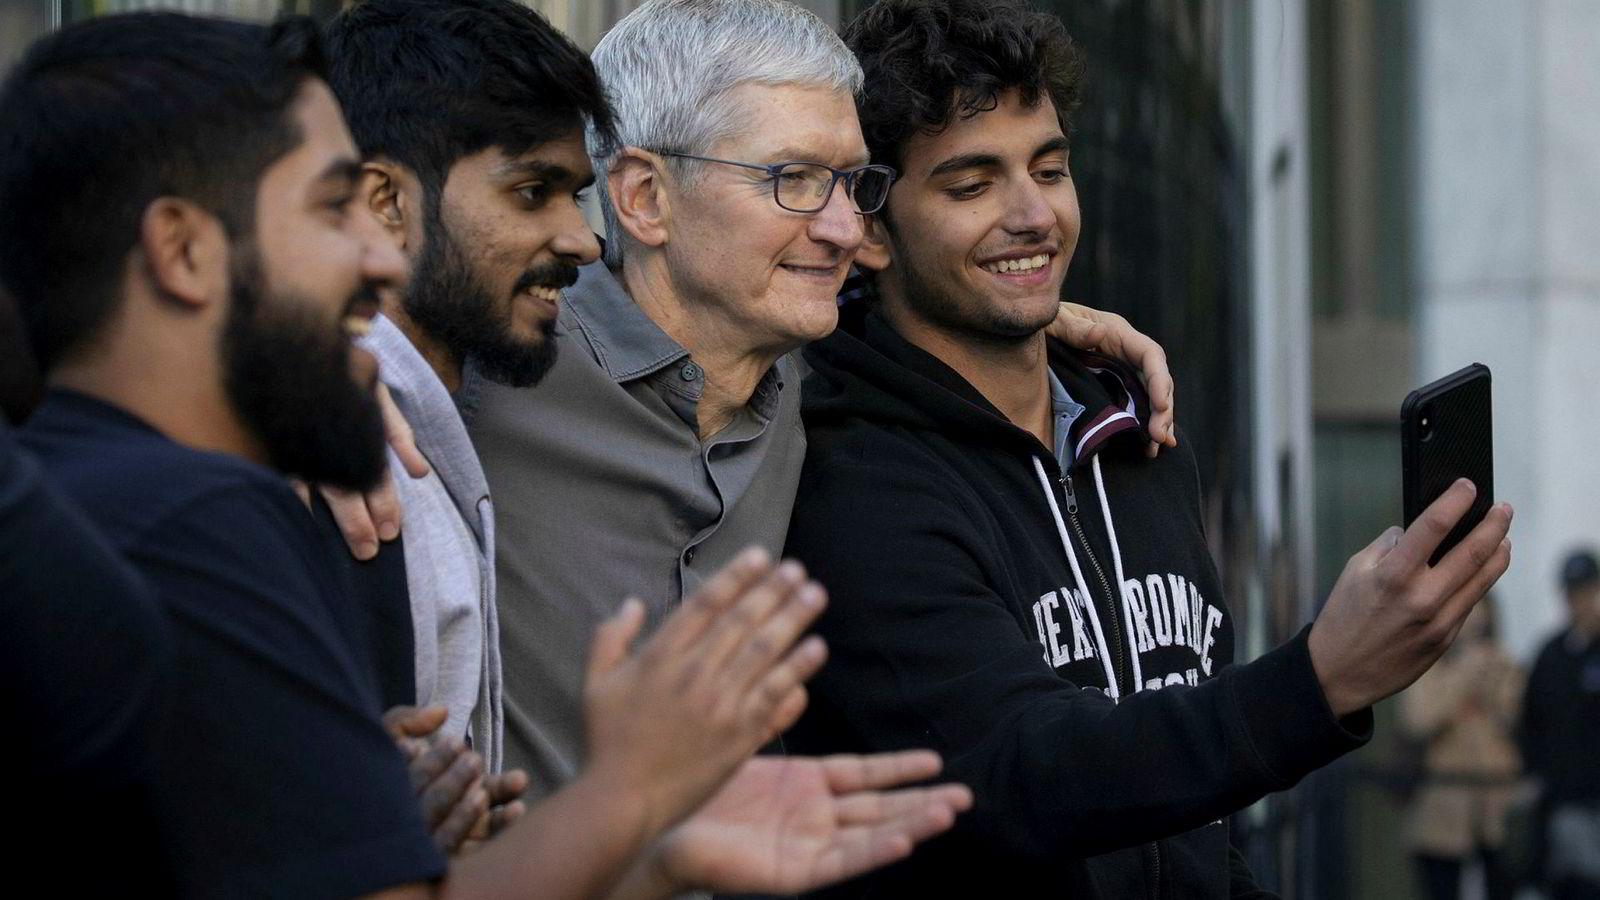 Apples konsernsjef Tim Cook var på plass på 5th Avenue i New York da salget startet av årets Iphone-modeller for to uker siden. Etterspørselen er høyere enn ventet og Apple har bedt asiatiske leverandører om å øke produksjonen med rundt åtte millioner enheter.